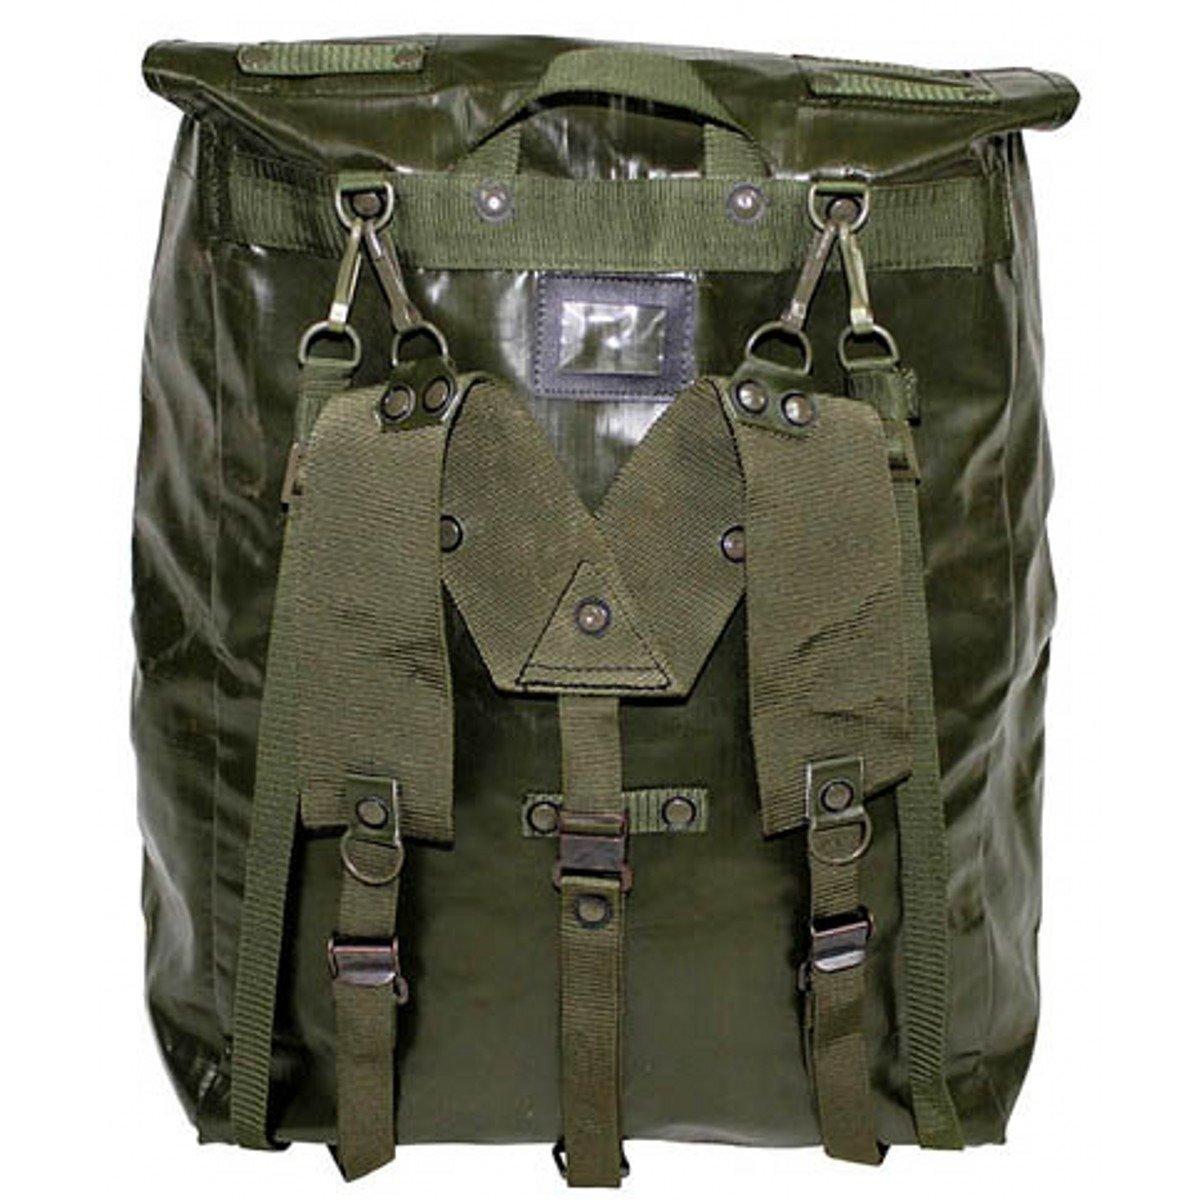 CZSK Táska, Hátizsák M 85 használt | Katonai Többlet